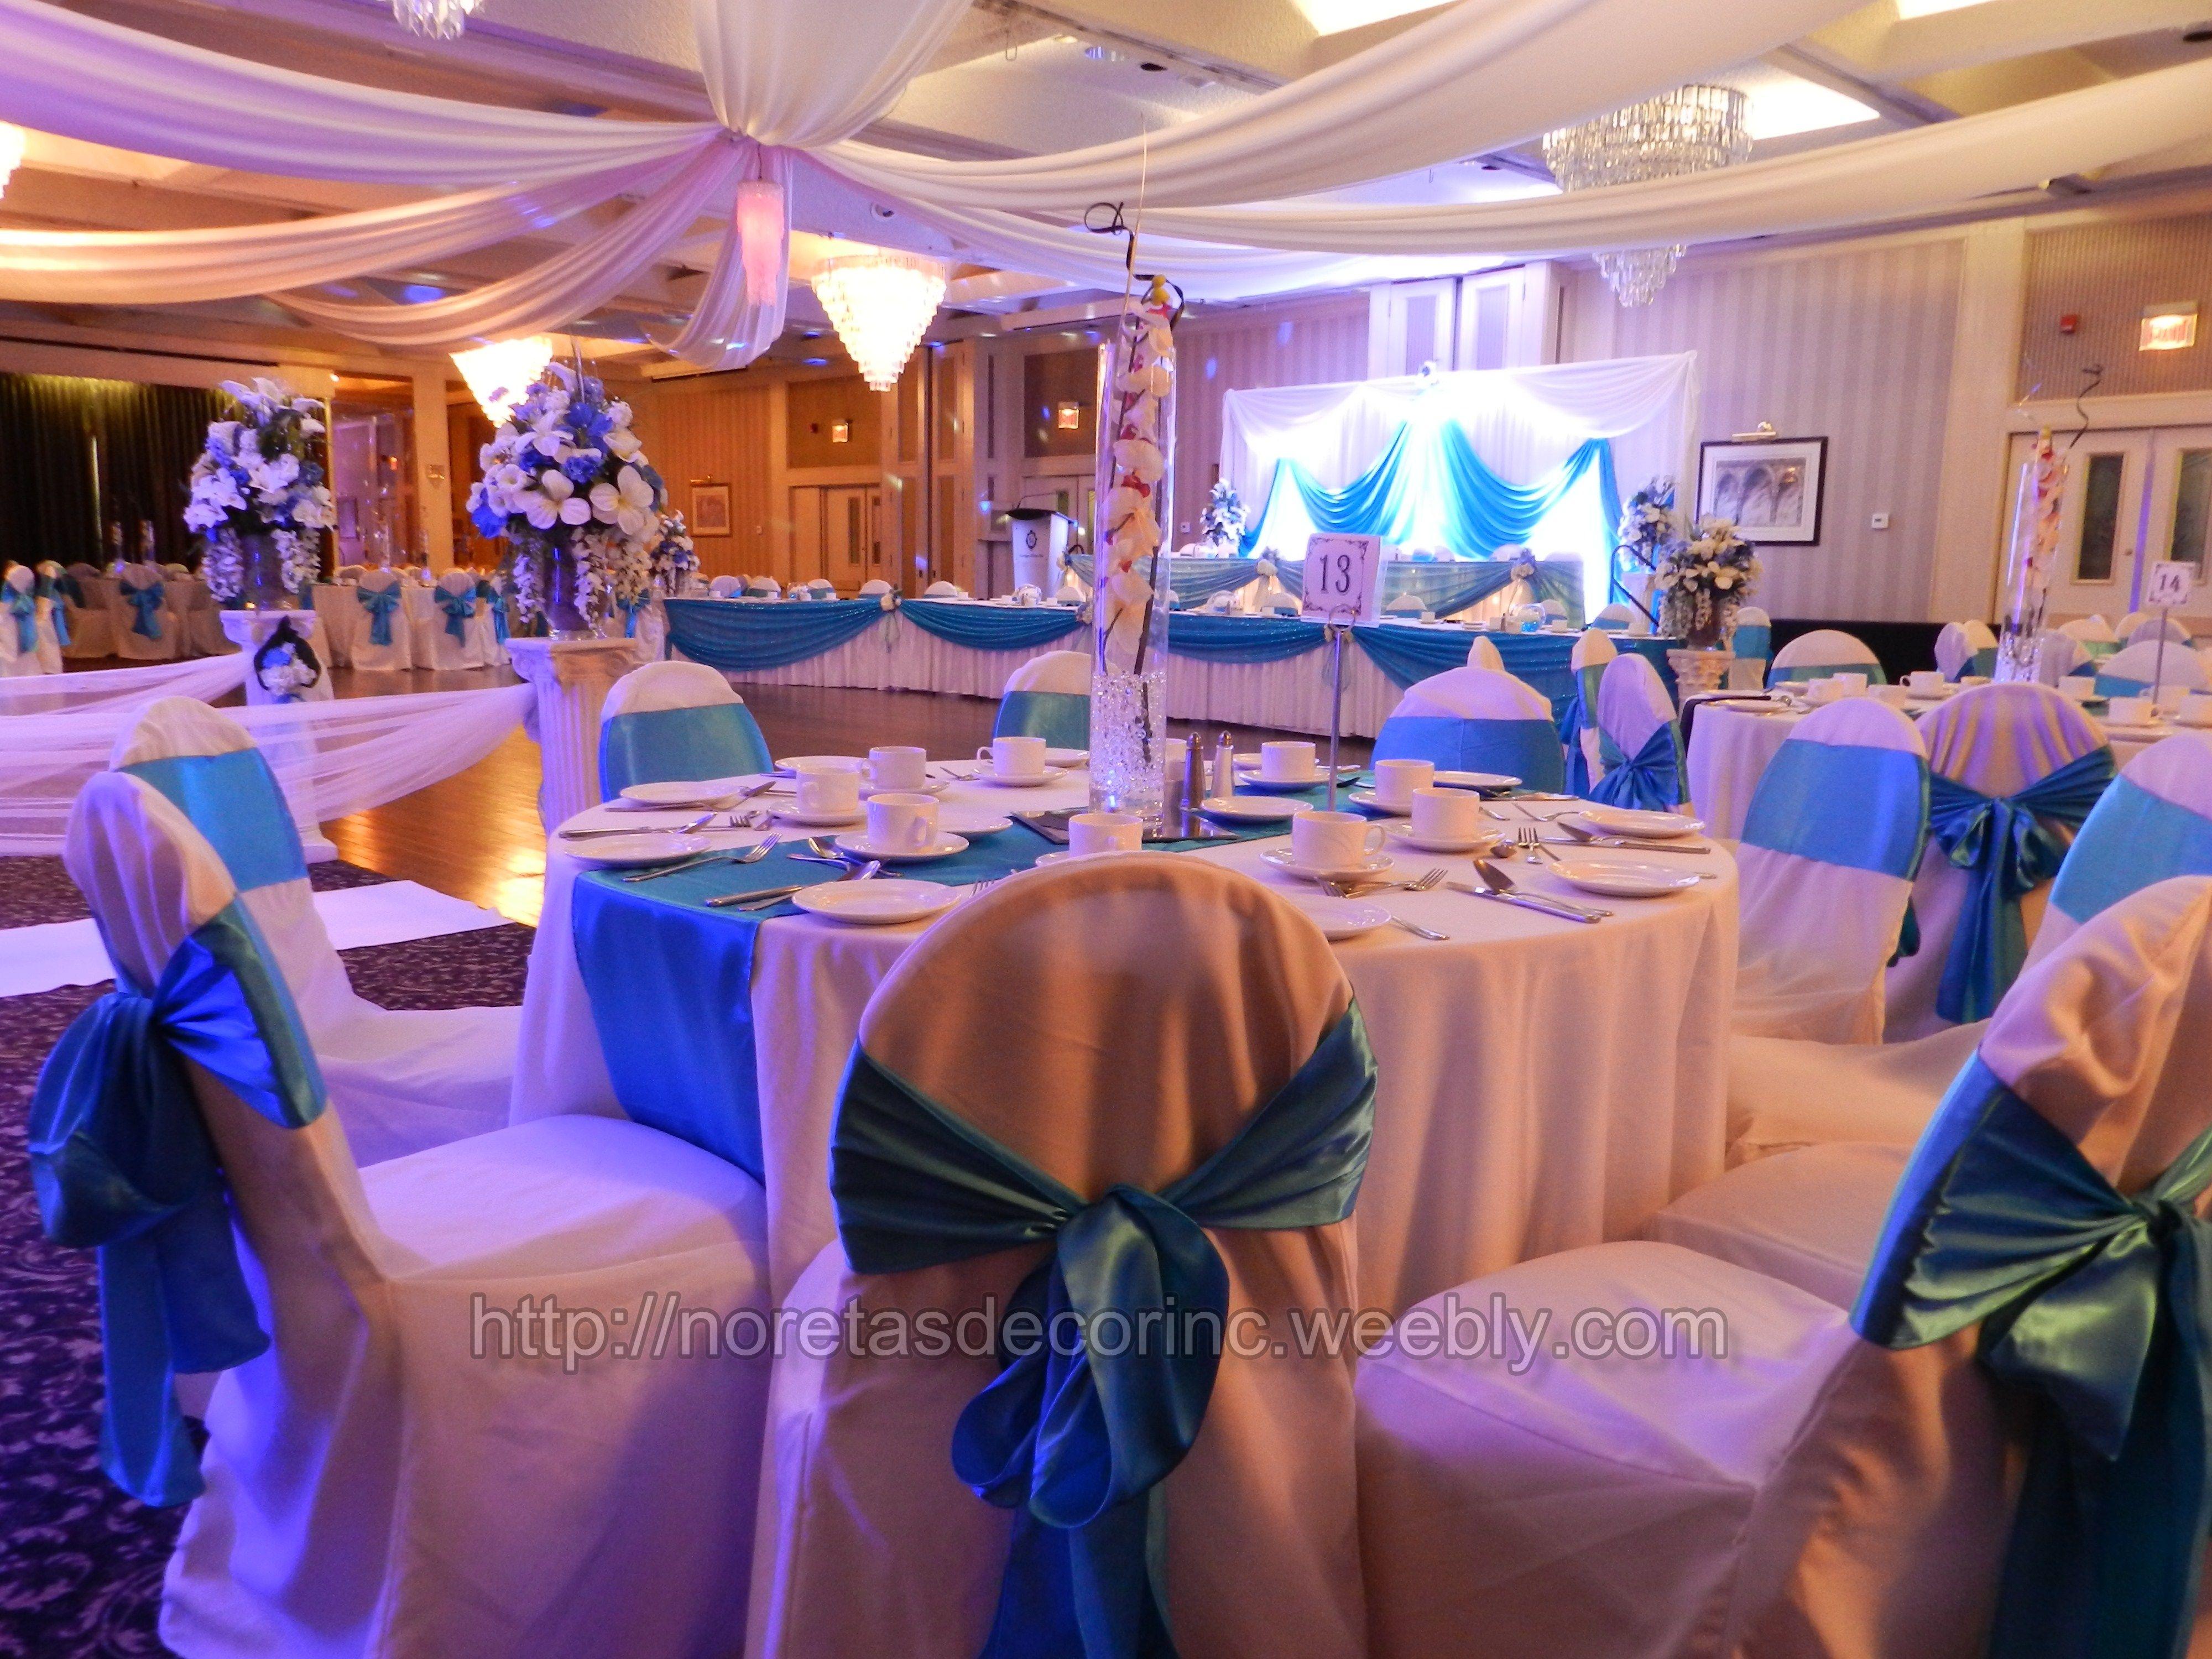 Banquet Hall Decoration Wedding Ideas Noretasdecorincweebly